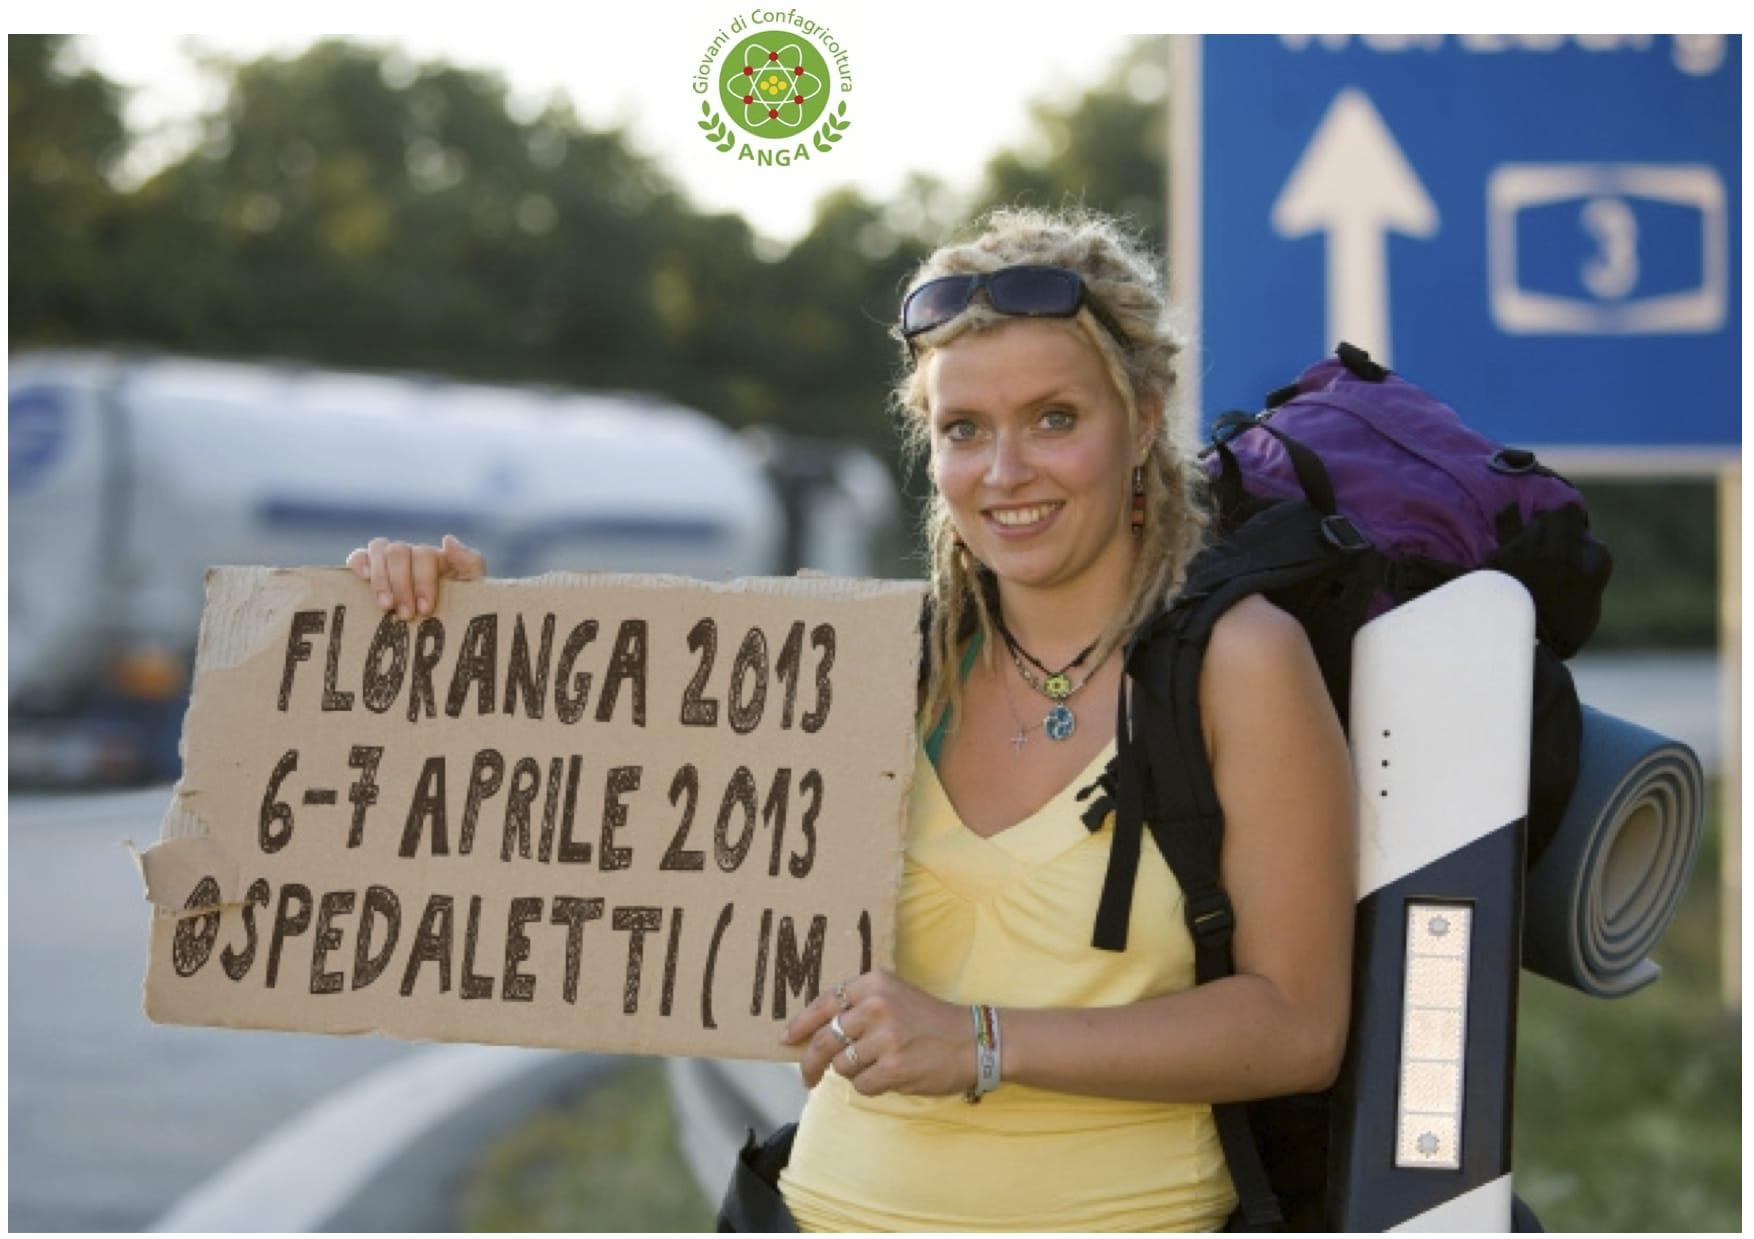 Si arricchisce il programma degli eventi collaterali e di preparazione in vista di FLORANGA 2013 (Esposizione e concorso floricolo) che si svolgerà ad Ospedaletti (IM) il 6/7 Aprile 2013 presso…